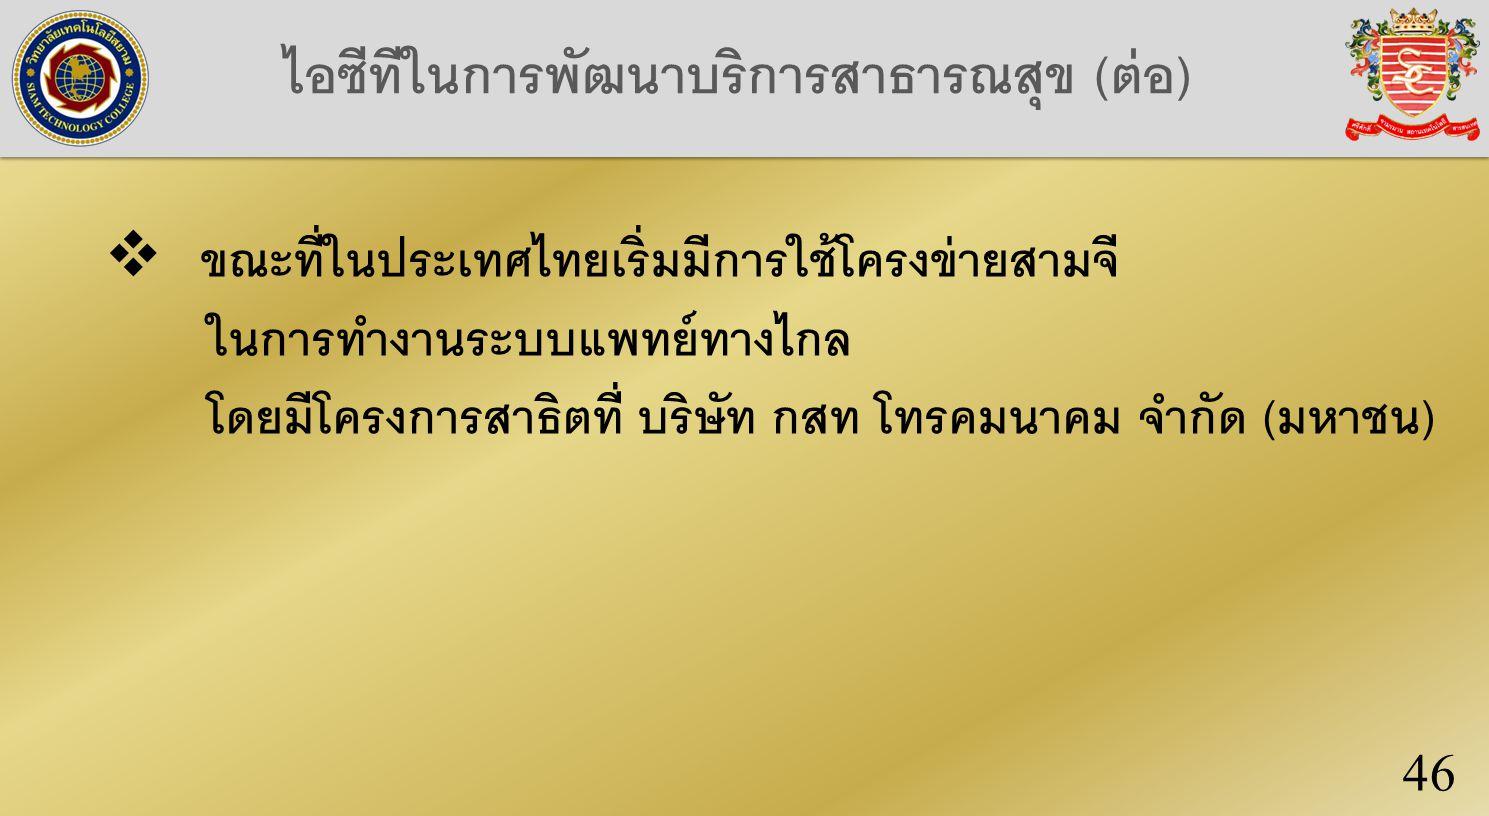 ไอซีทีในการพัฒนาบริการสาธารณสุข (ต่อ) 46  ขณะที่ในประเทศไทยเริ่มมีการใช้โครงข่ายสามจี ในการทำงานระบบแพทย์ทางไกล โดยมีโครงการสาธิตที่ บริษัท กสท โทรคมนาคม จำกัด (มหาชน)